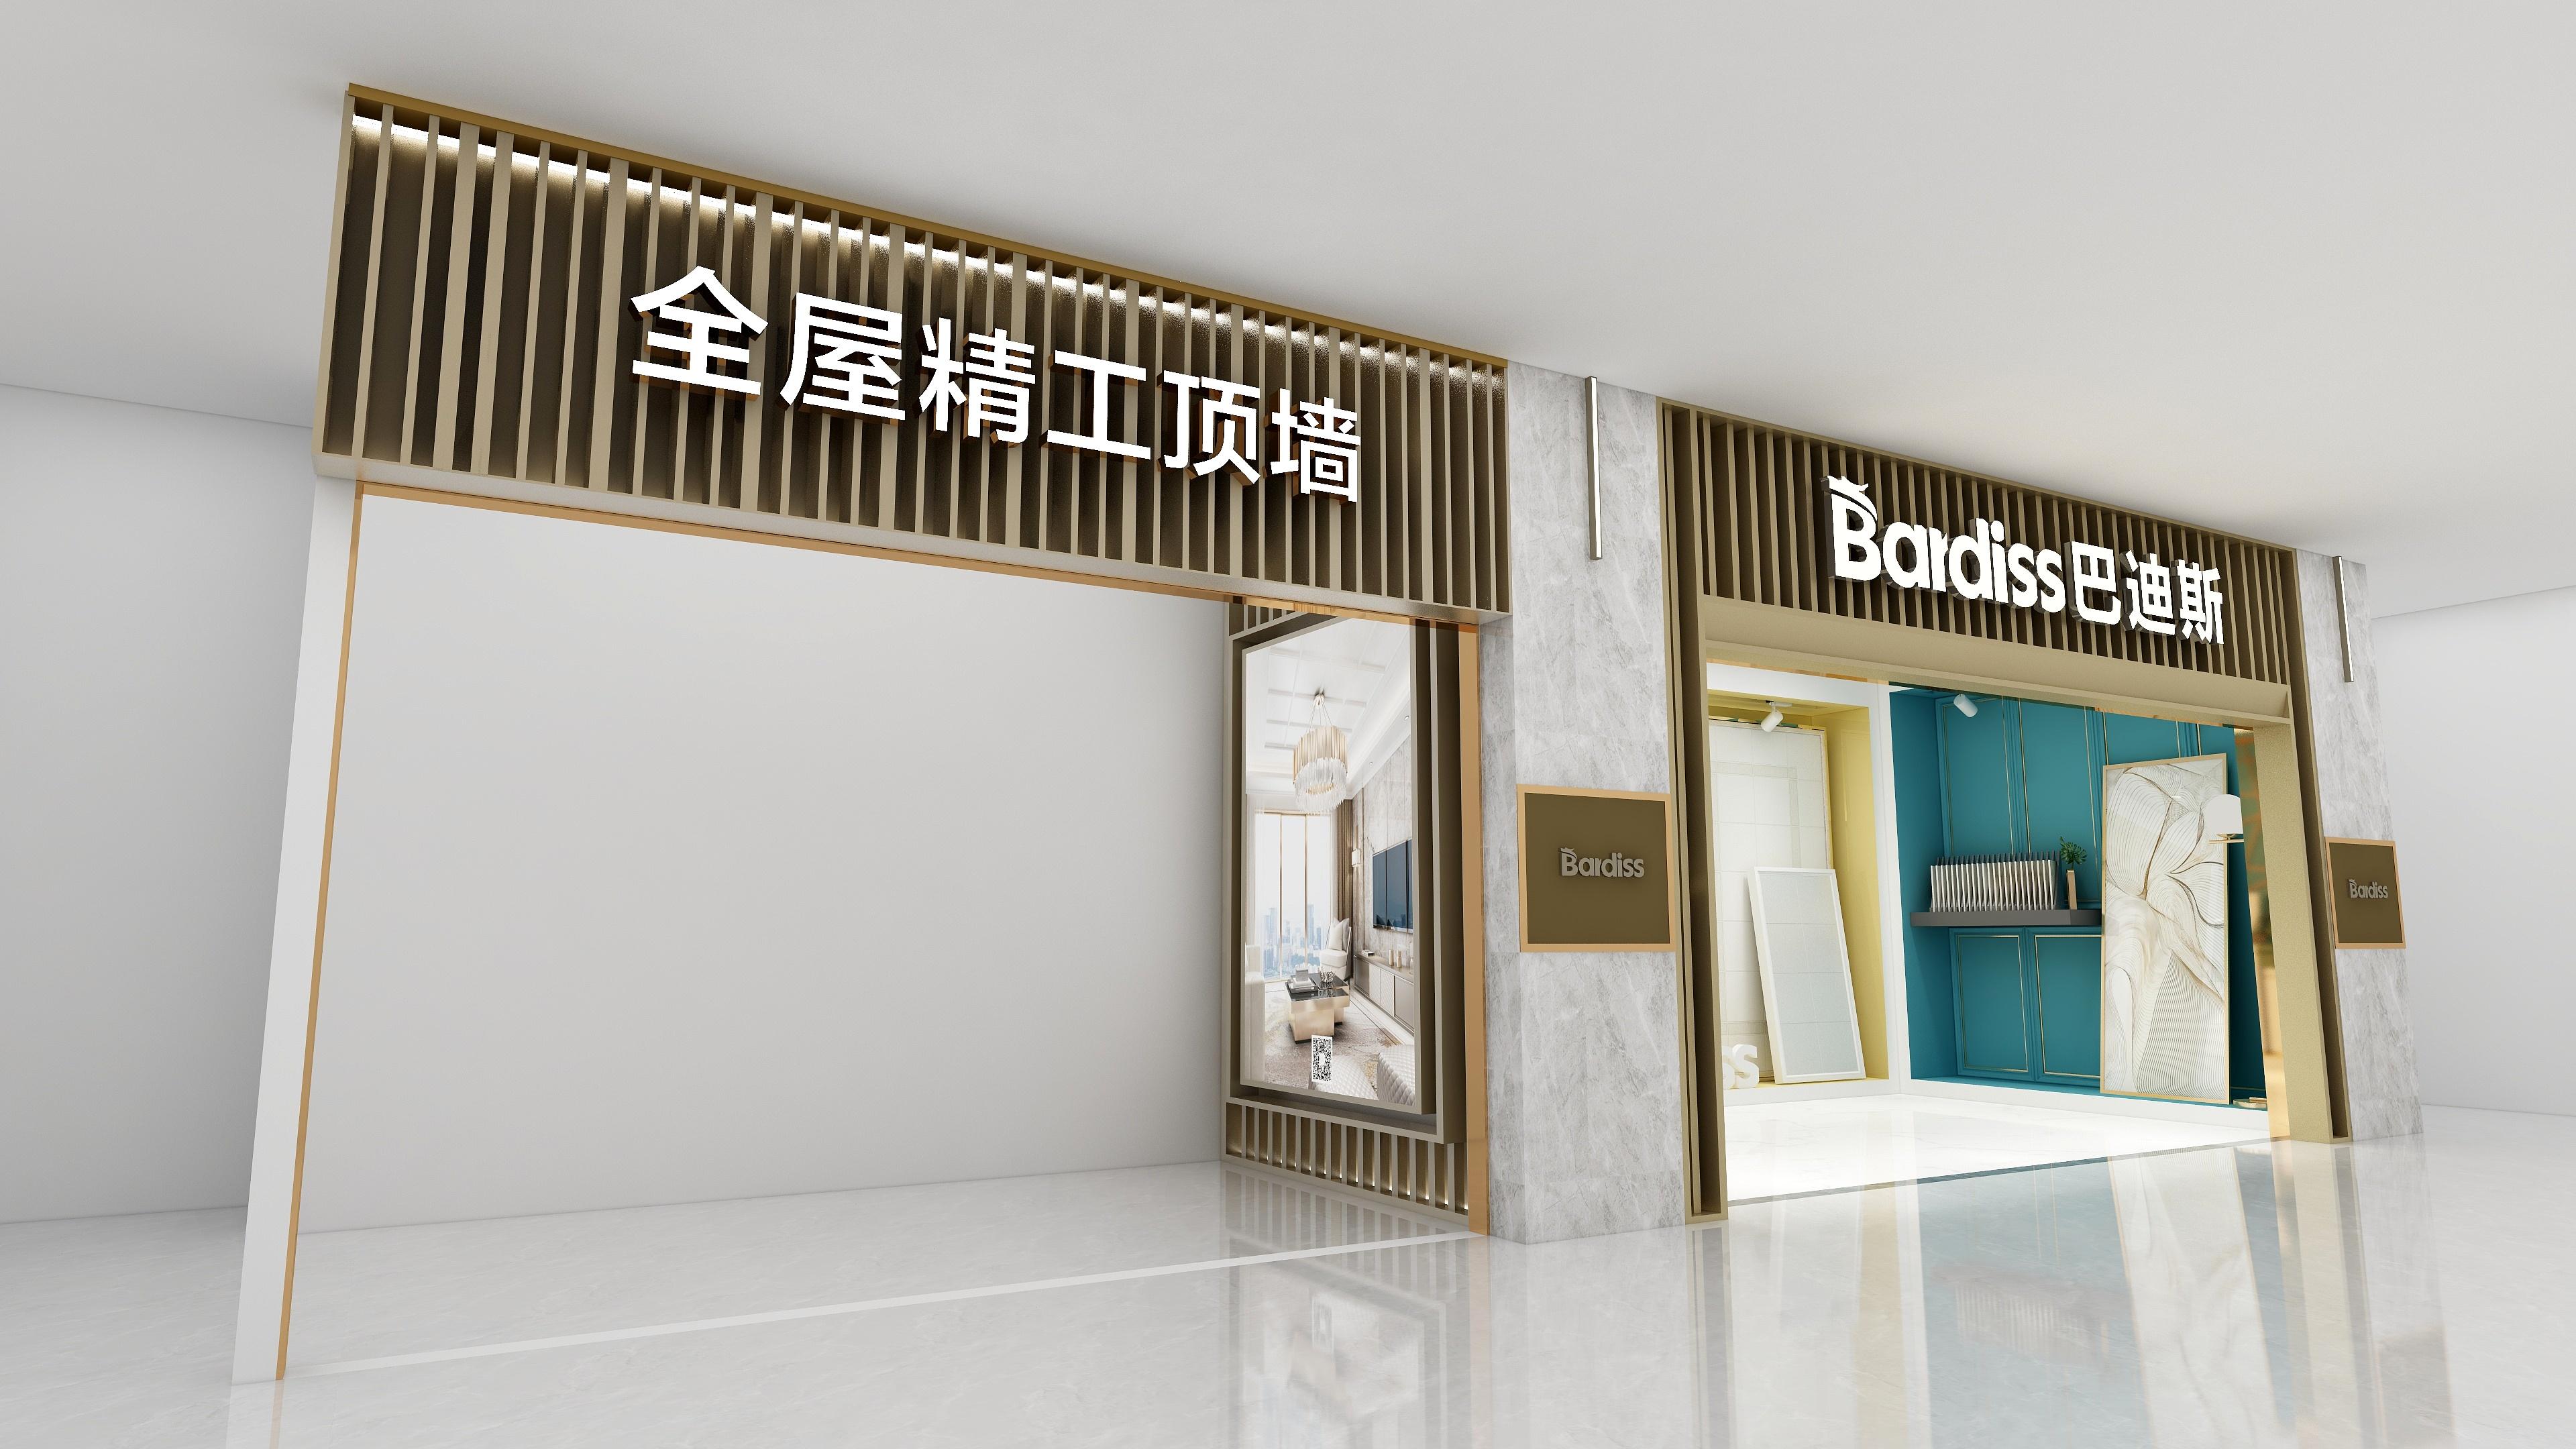 江苏盐城店●6代店 装修效果全景图